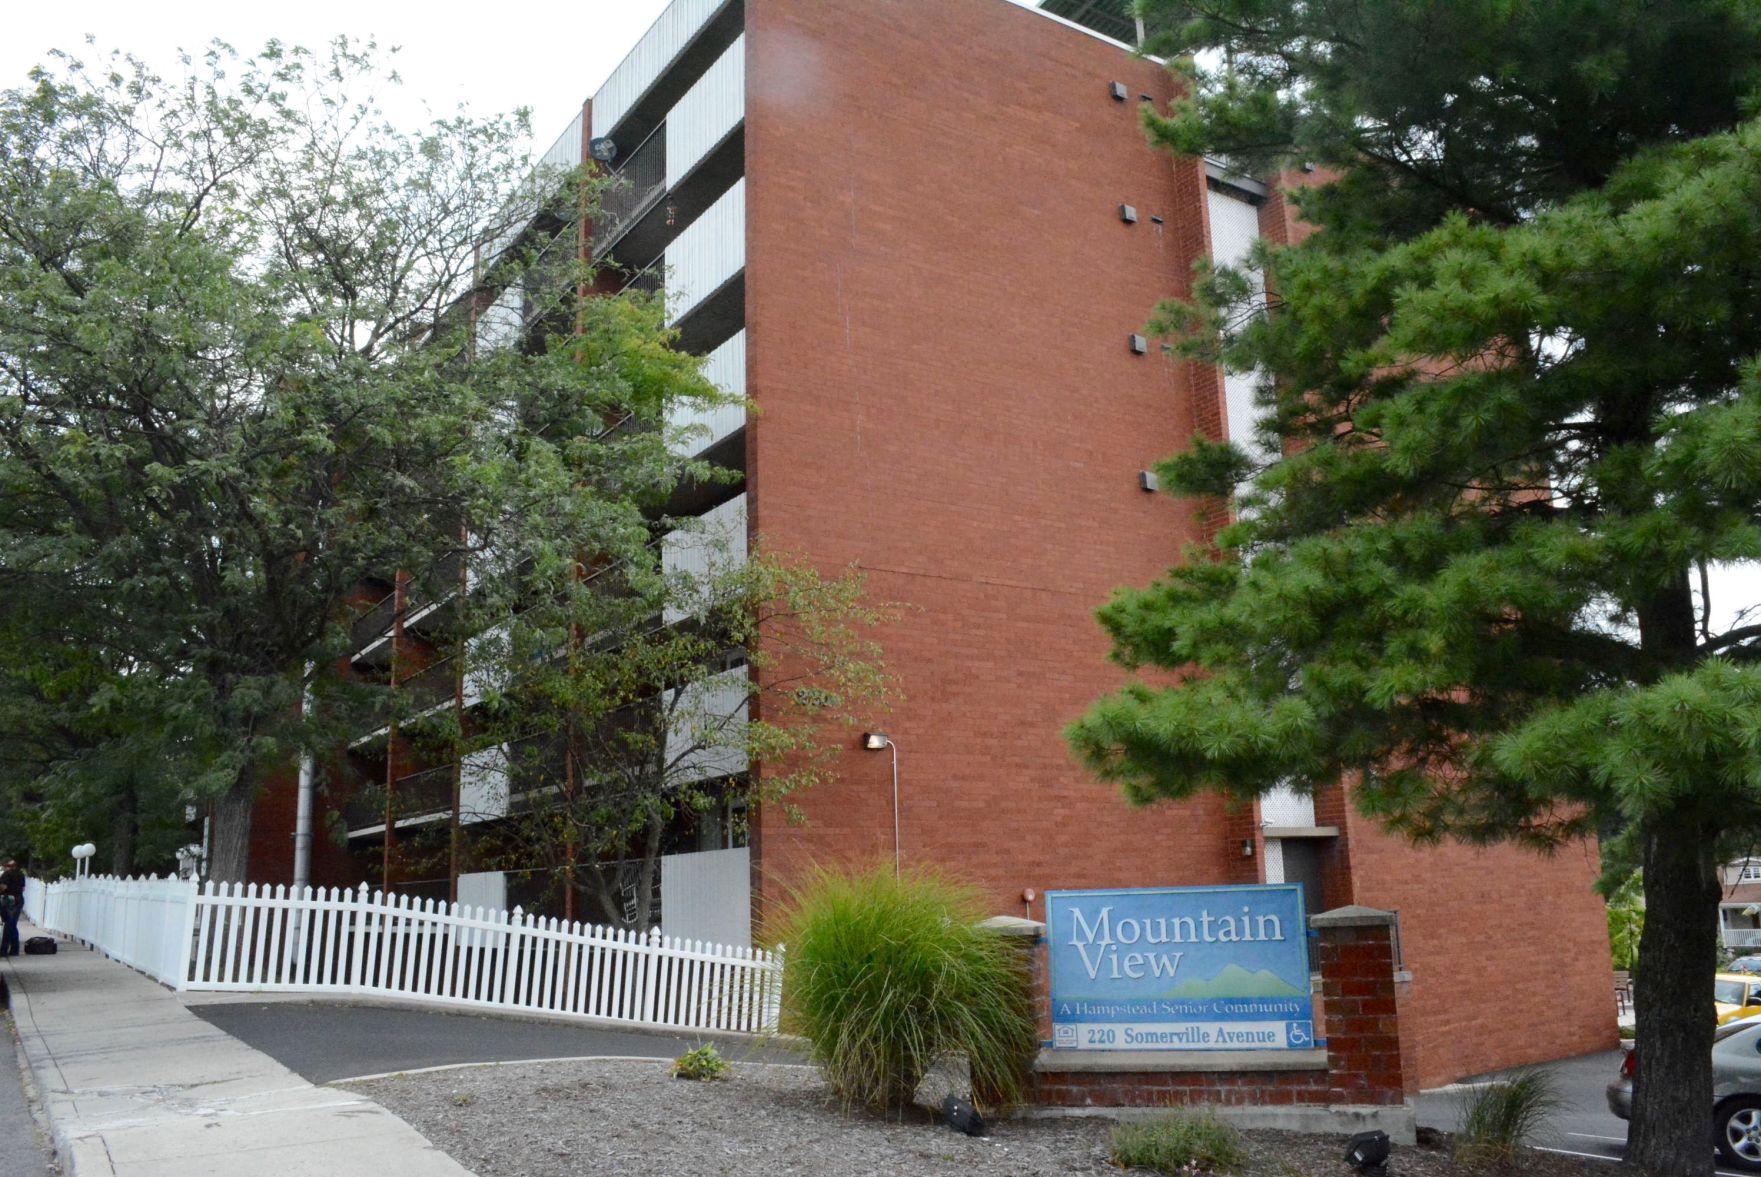 Mountain View Apartments 8/28/17